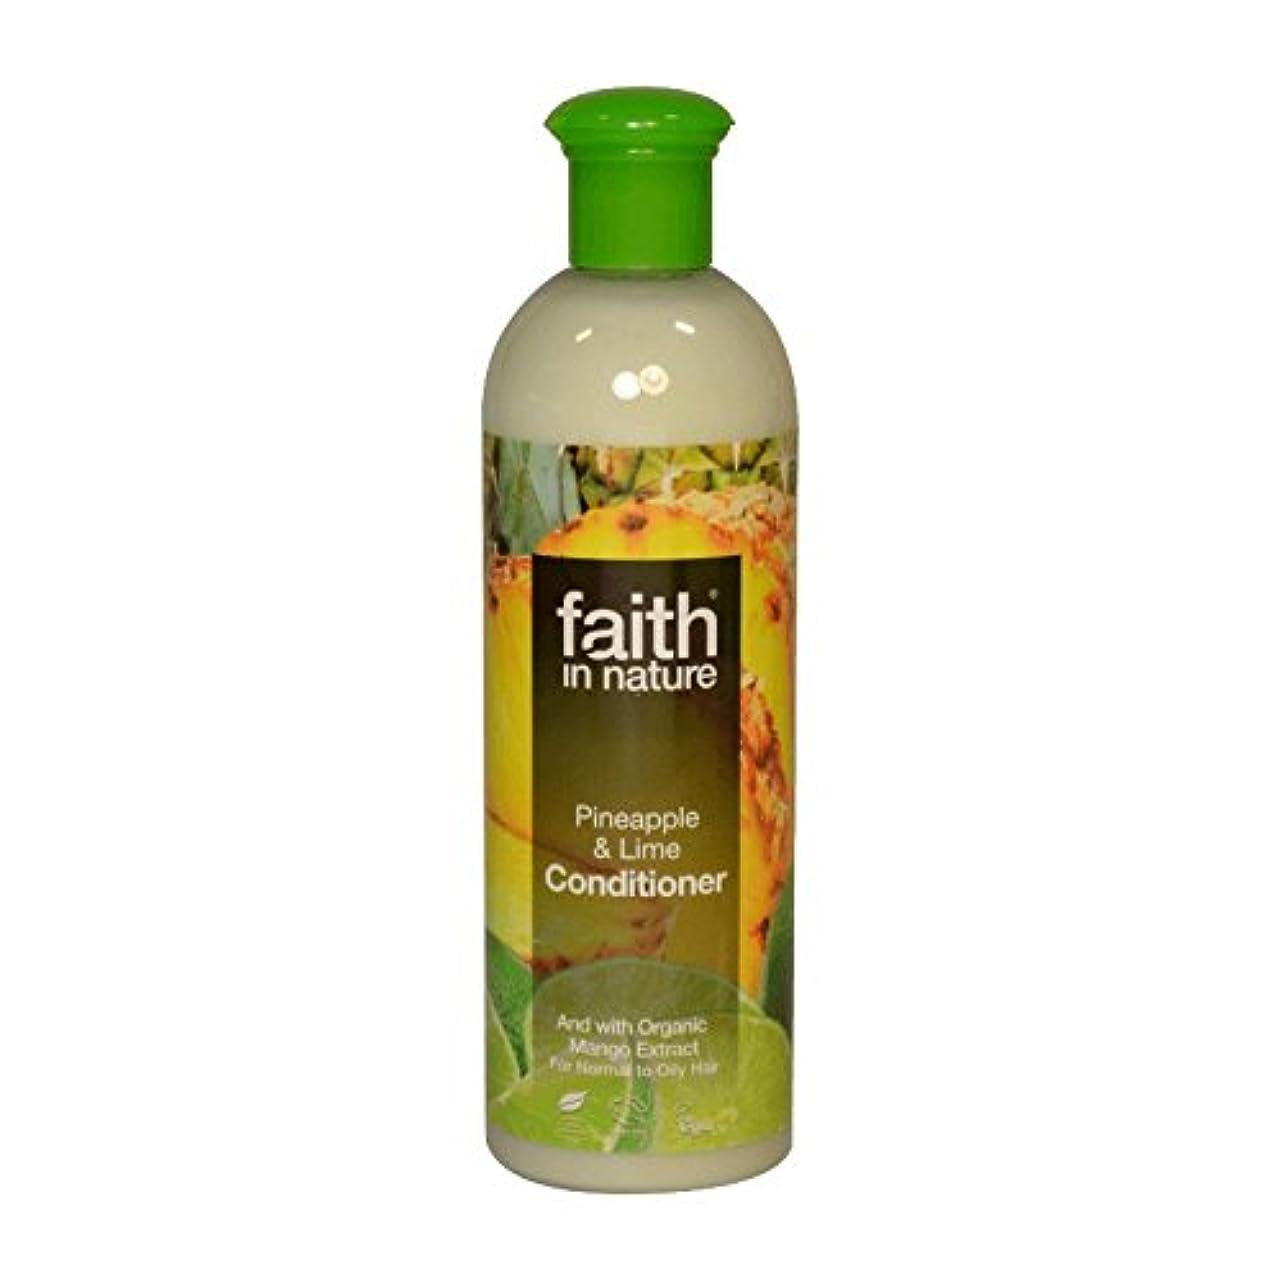 ローブれる羊のFaith in Nature Pineapple & Lime Conditioner 400ml (Pack of 6) - 自然パイナップル&ライムコンディショナー400ミリリットルの信仰 (x6) [並行輸入品]